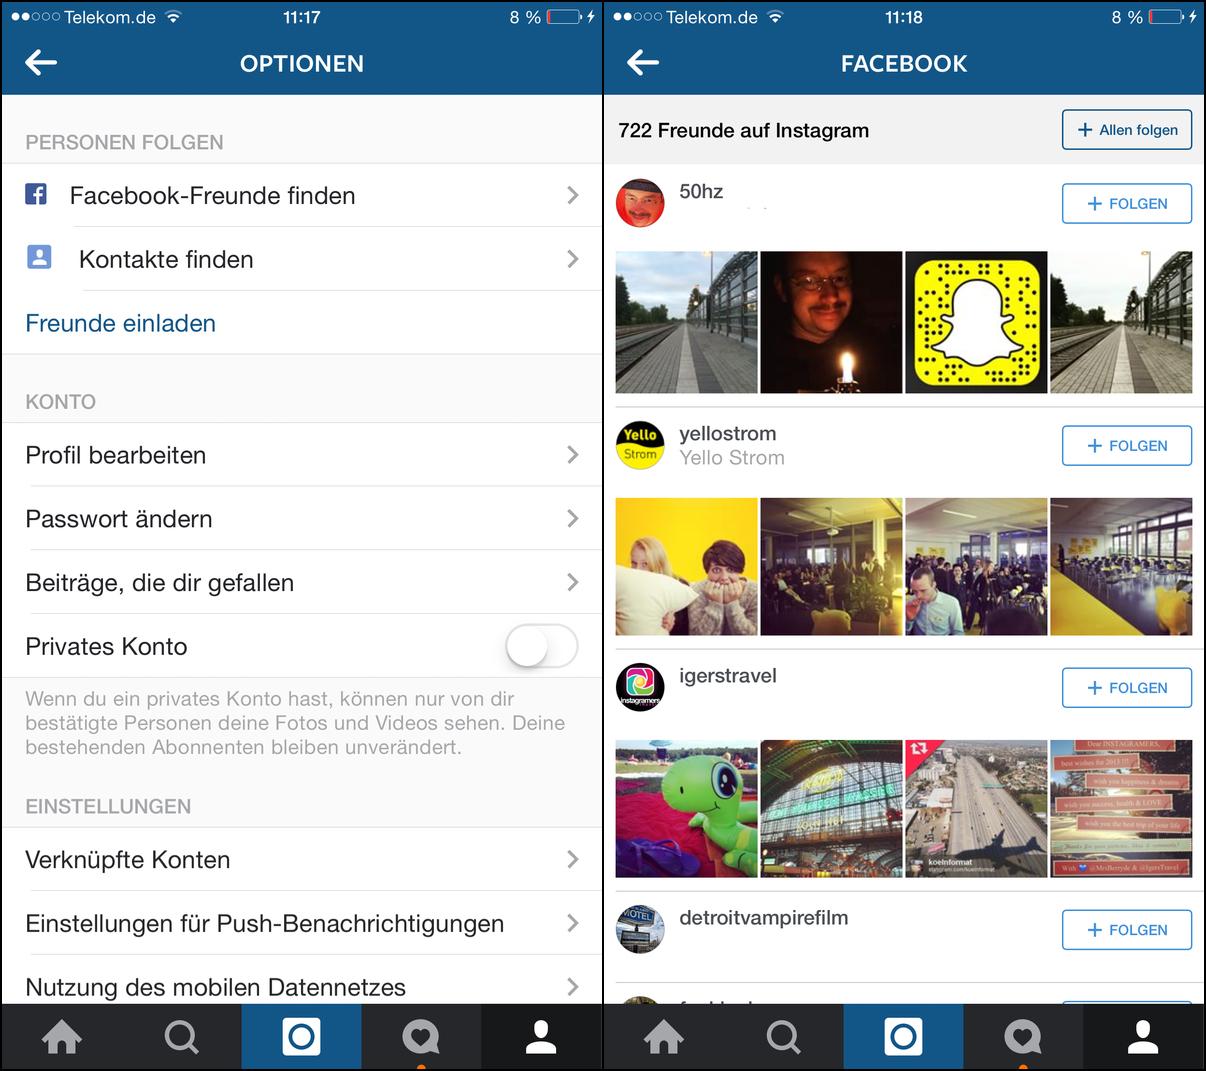 wie man ein gefälschtes instagram Konto erstellt